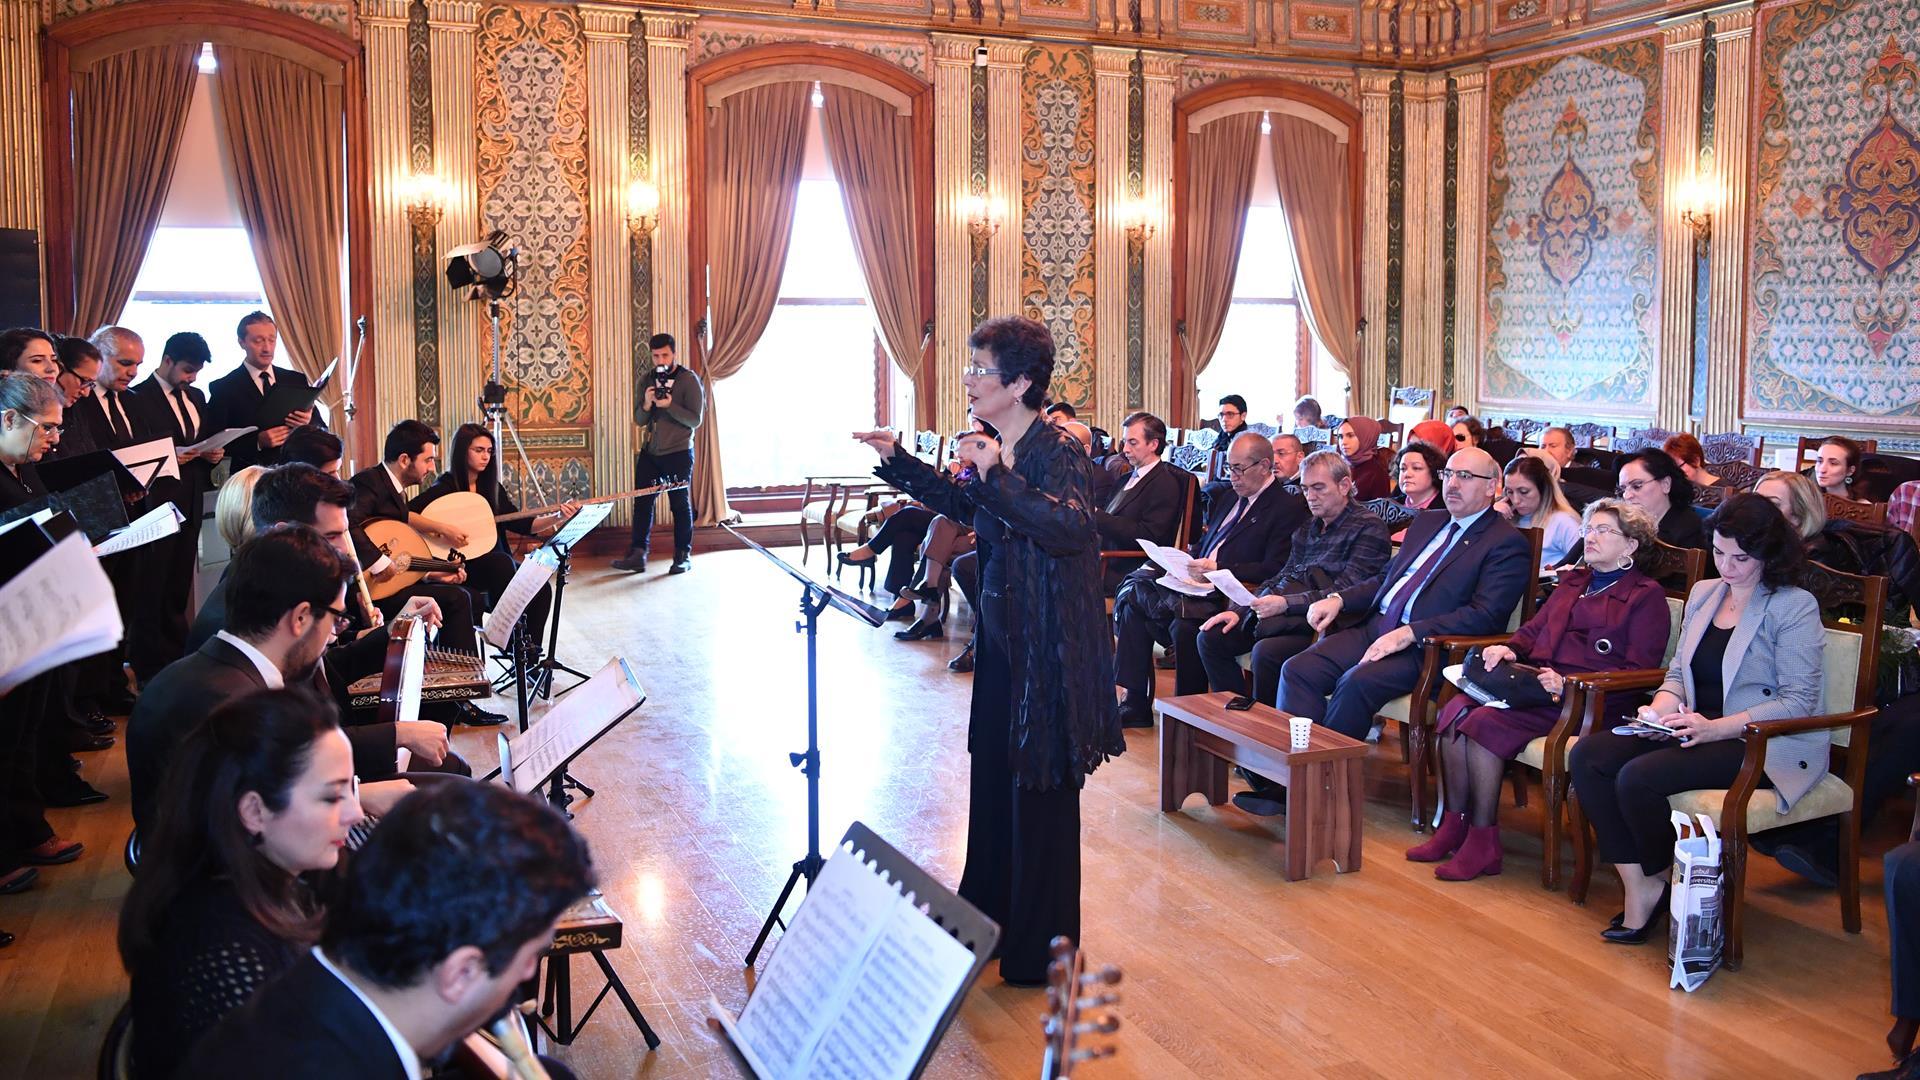 İÜ-OMAR-Konseri-İstanbul-Üniversitesi-Rektörlük-Binası-Mavi-Salon'da-Gerçekleştirildi